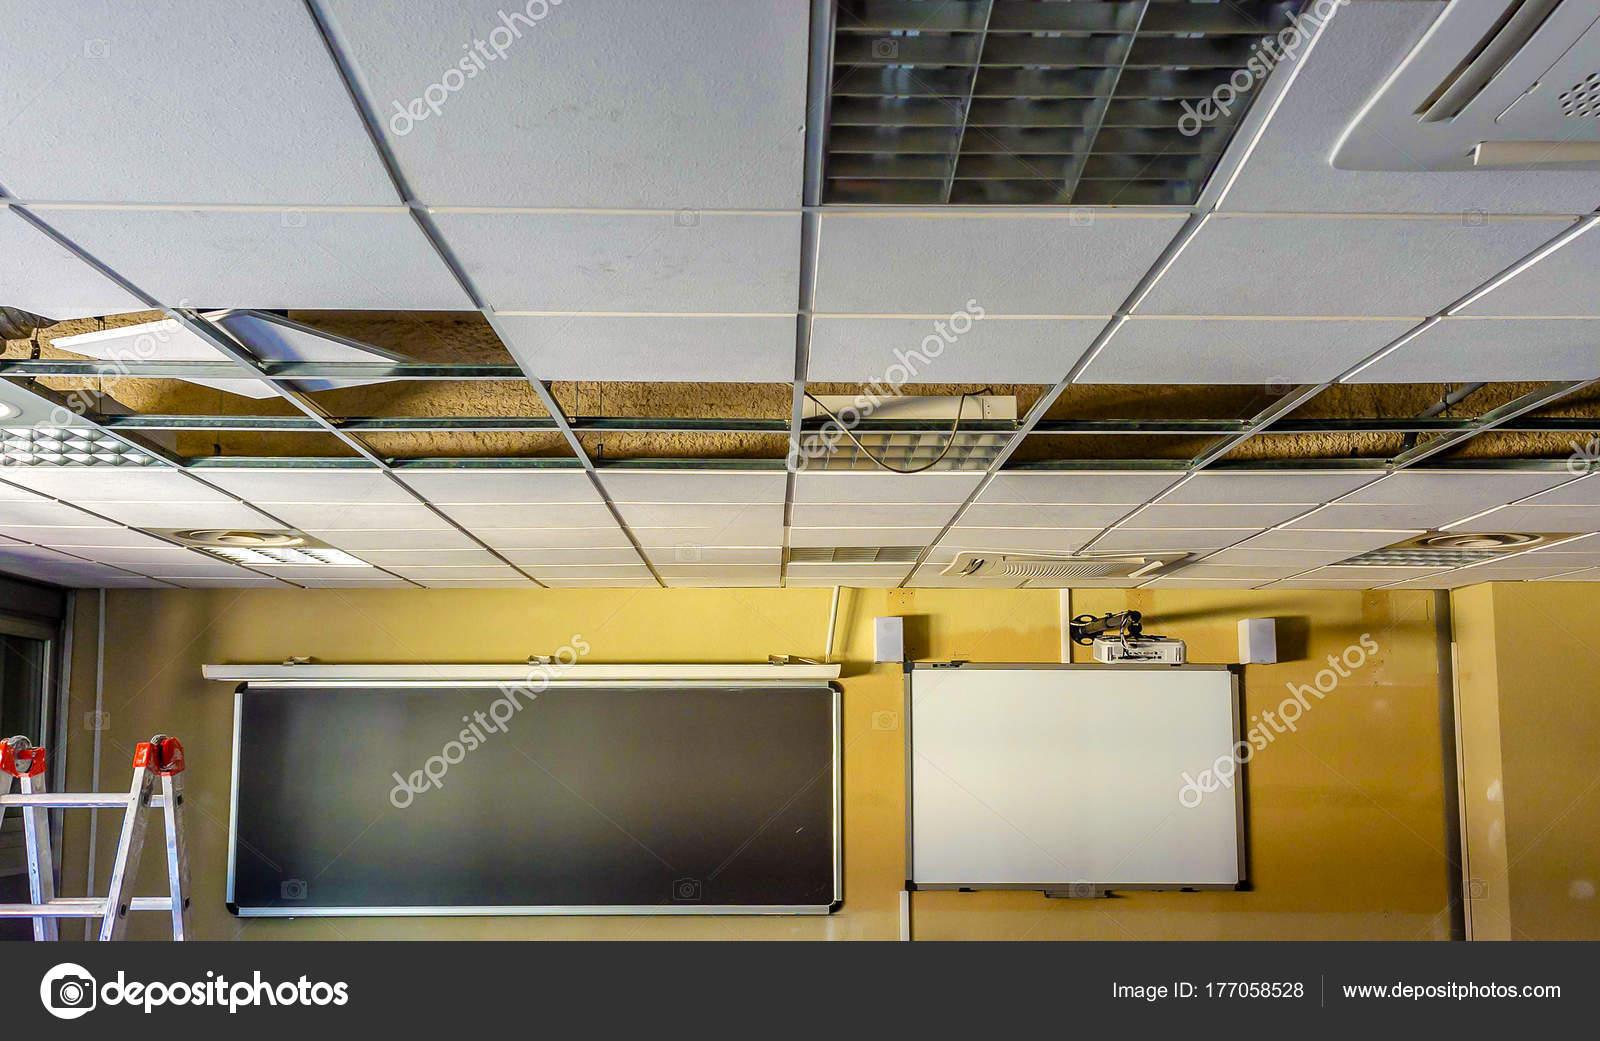 Réparer Un Plafond En Platre tout vue plafond salle classe réparer — photographie ba_peuceta © #177058528